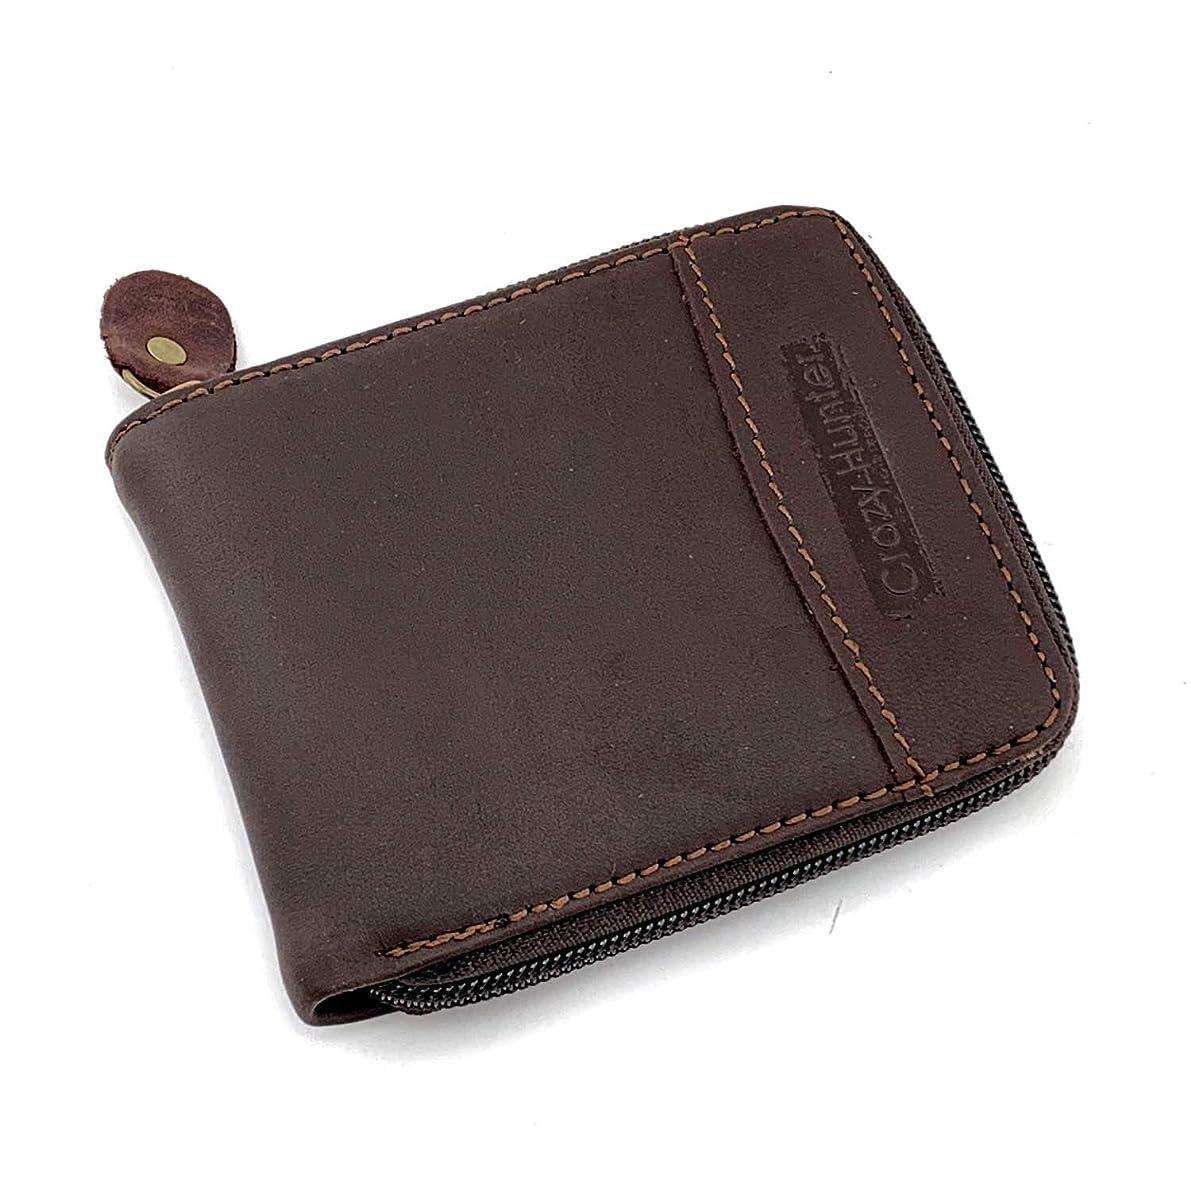 新しい意味ペースト分注するレザーチェーンウォレットバイカー?メンズ 本革の財布 80182